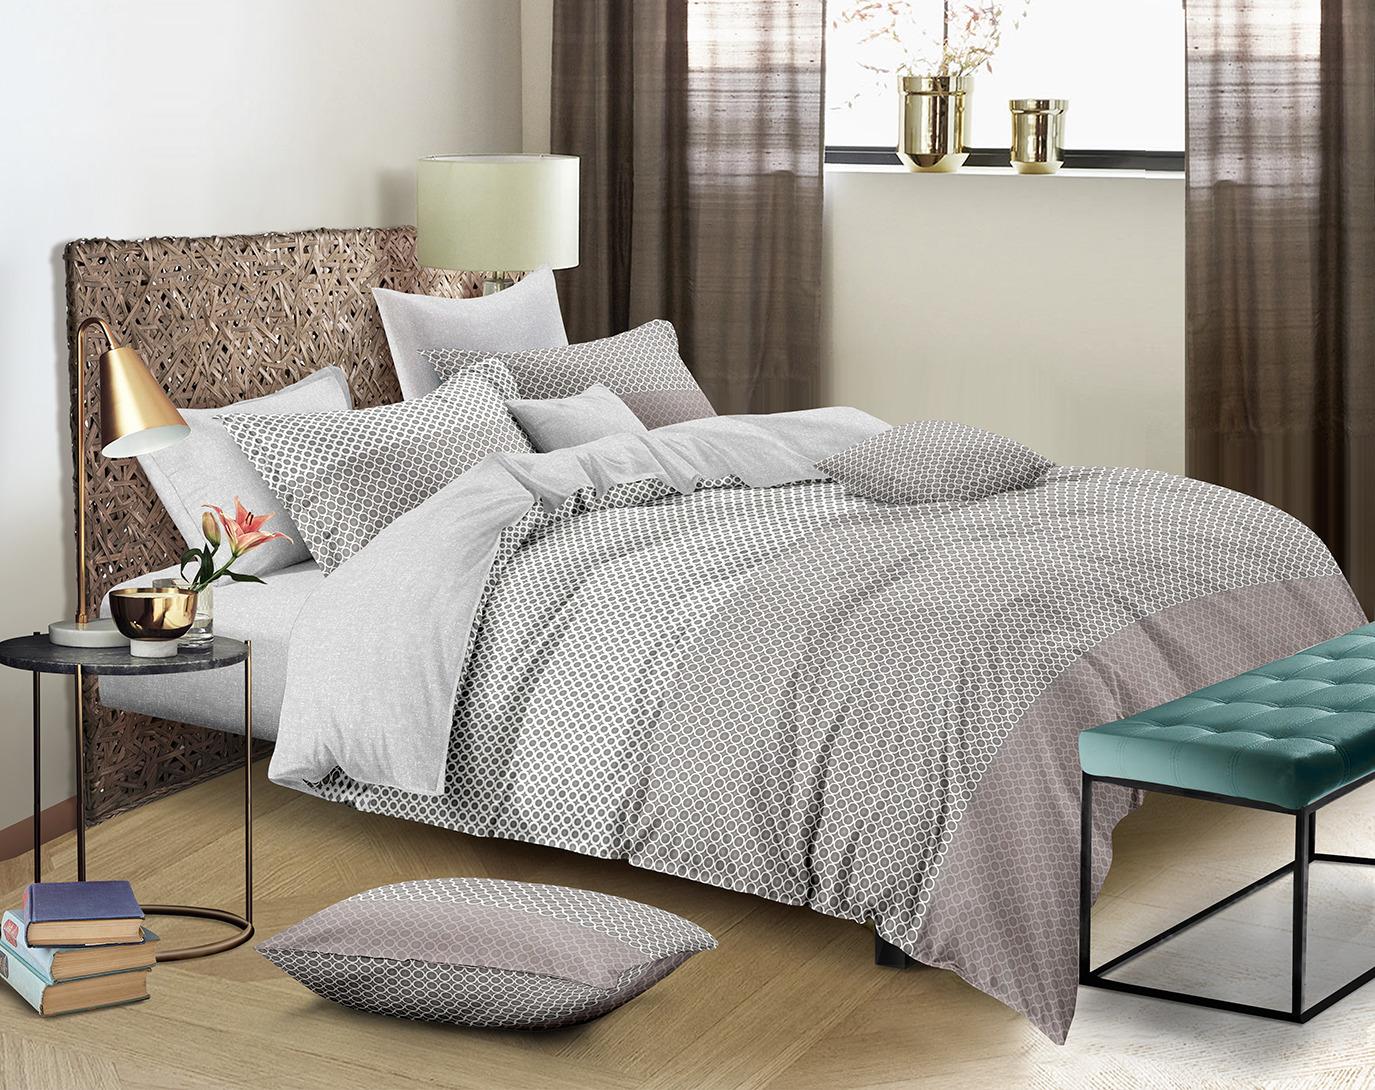 Комплект постельного белья Amore Mio Gold Calvin, 7844, бежевый, 2-спальный, наволочки 70x70